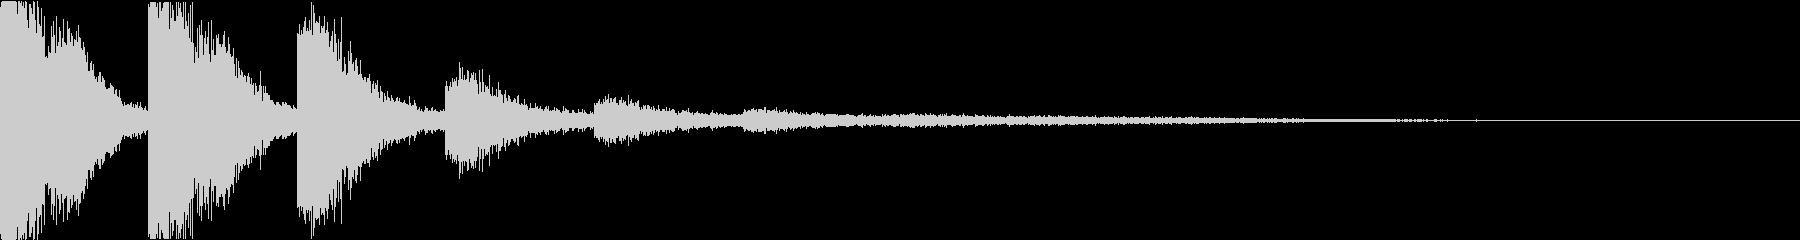 スネア:衝撃音・迫力・インパクトeの未再生の波形